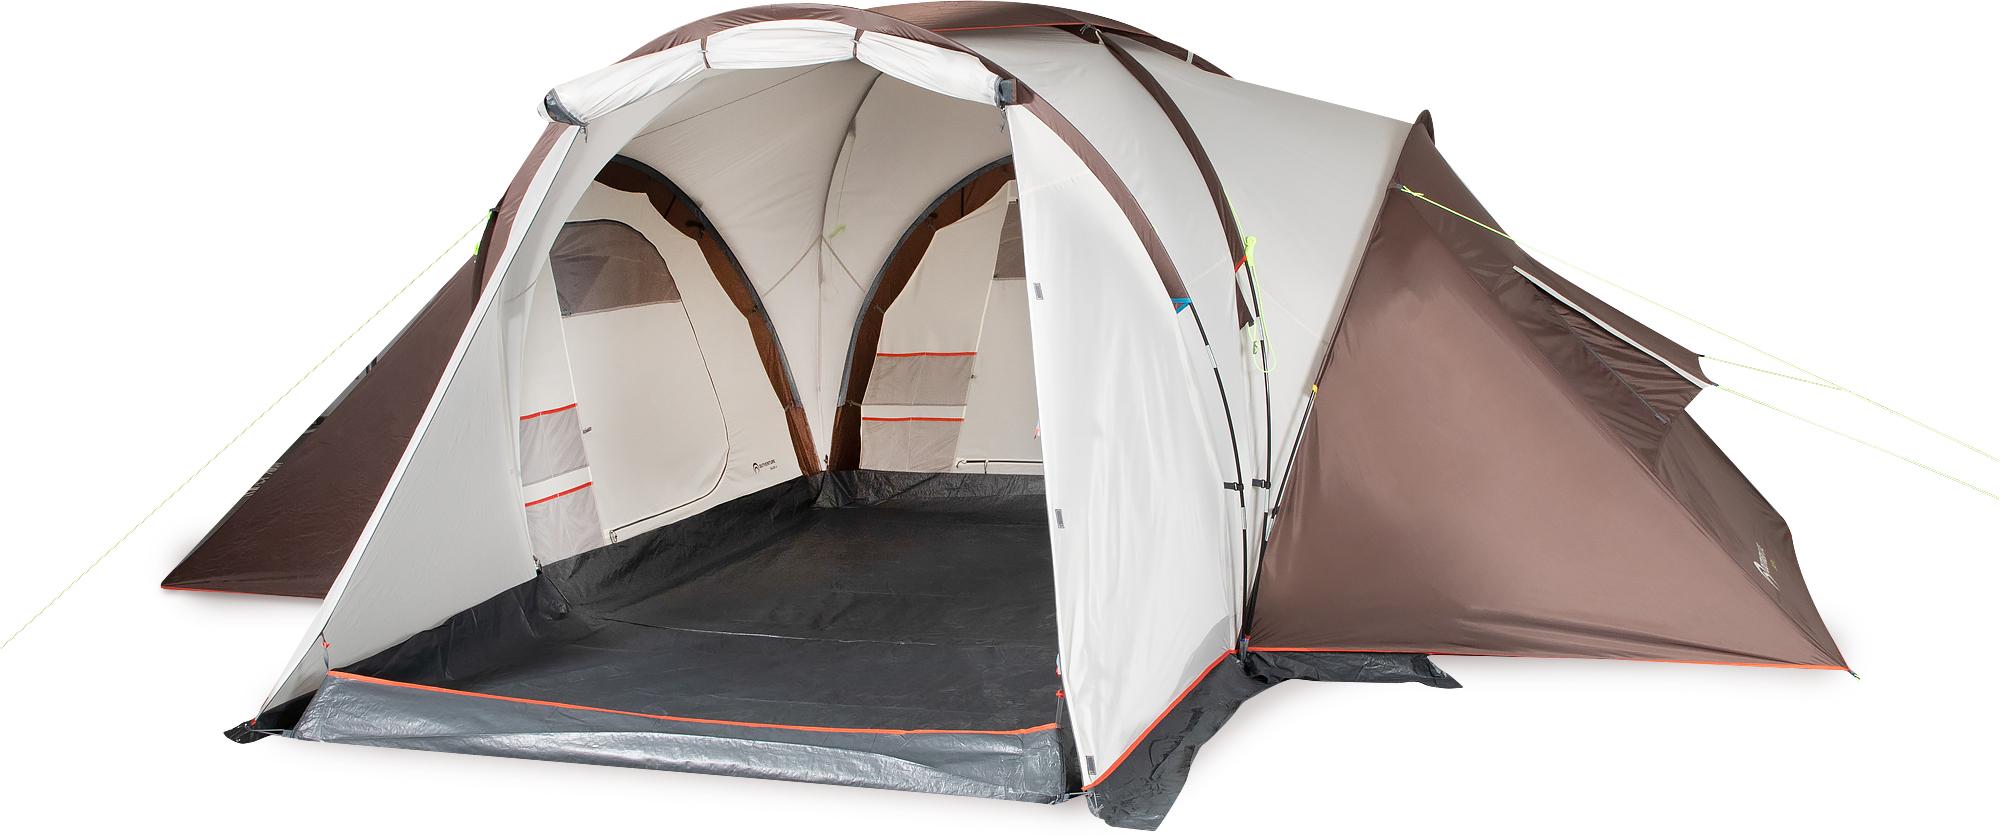 Outventure Палатка 6-местная Outventure Dalen 6 outventure палатка 5 местная outventure camper 3 2